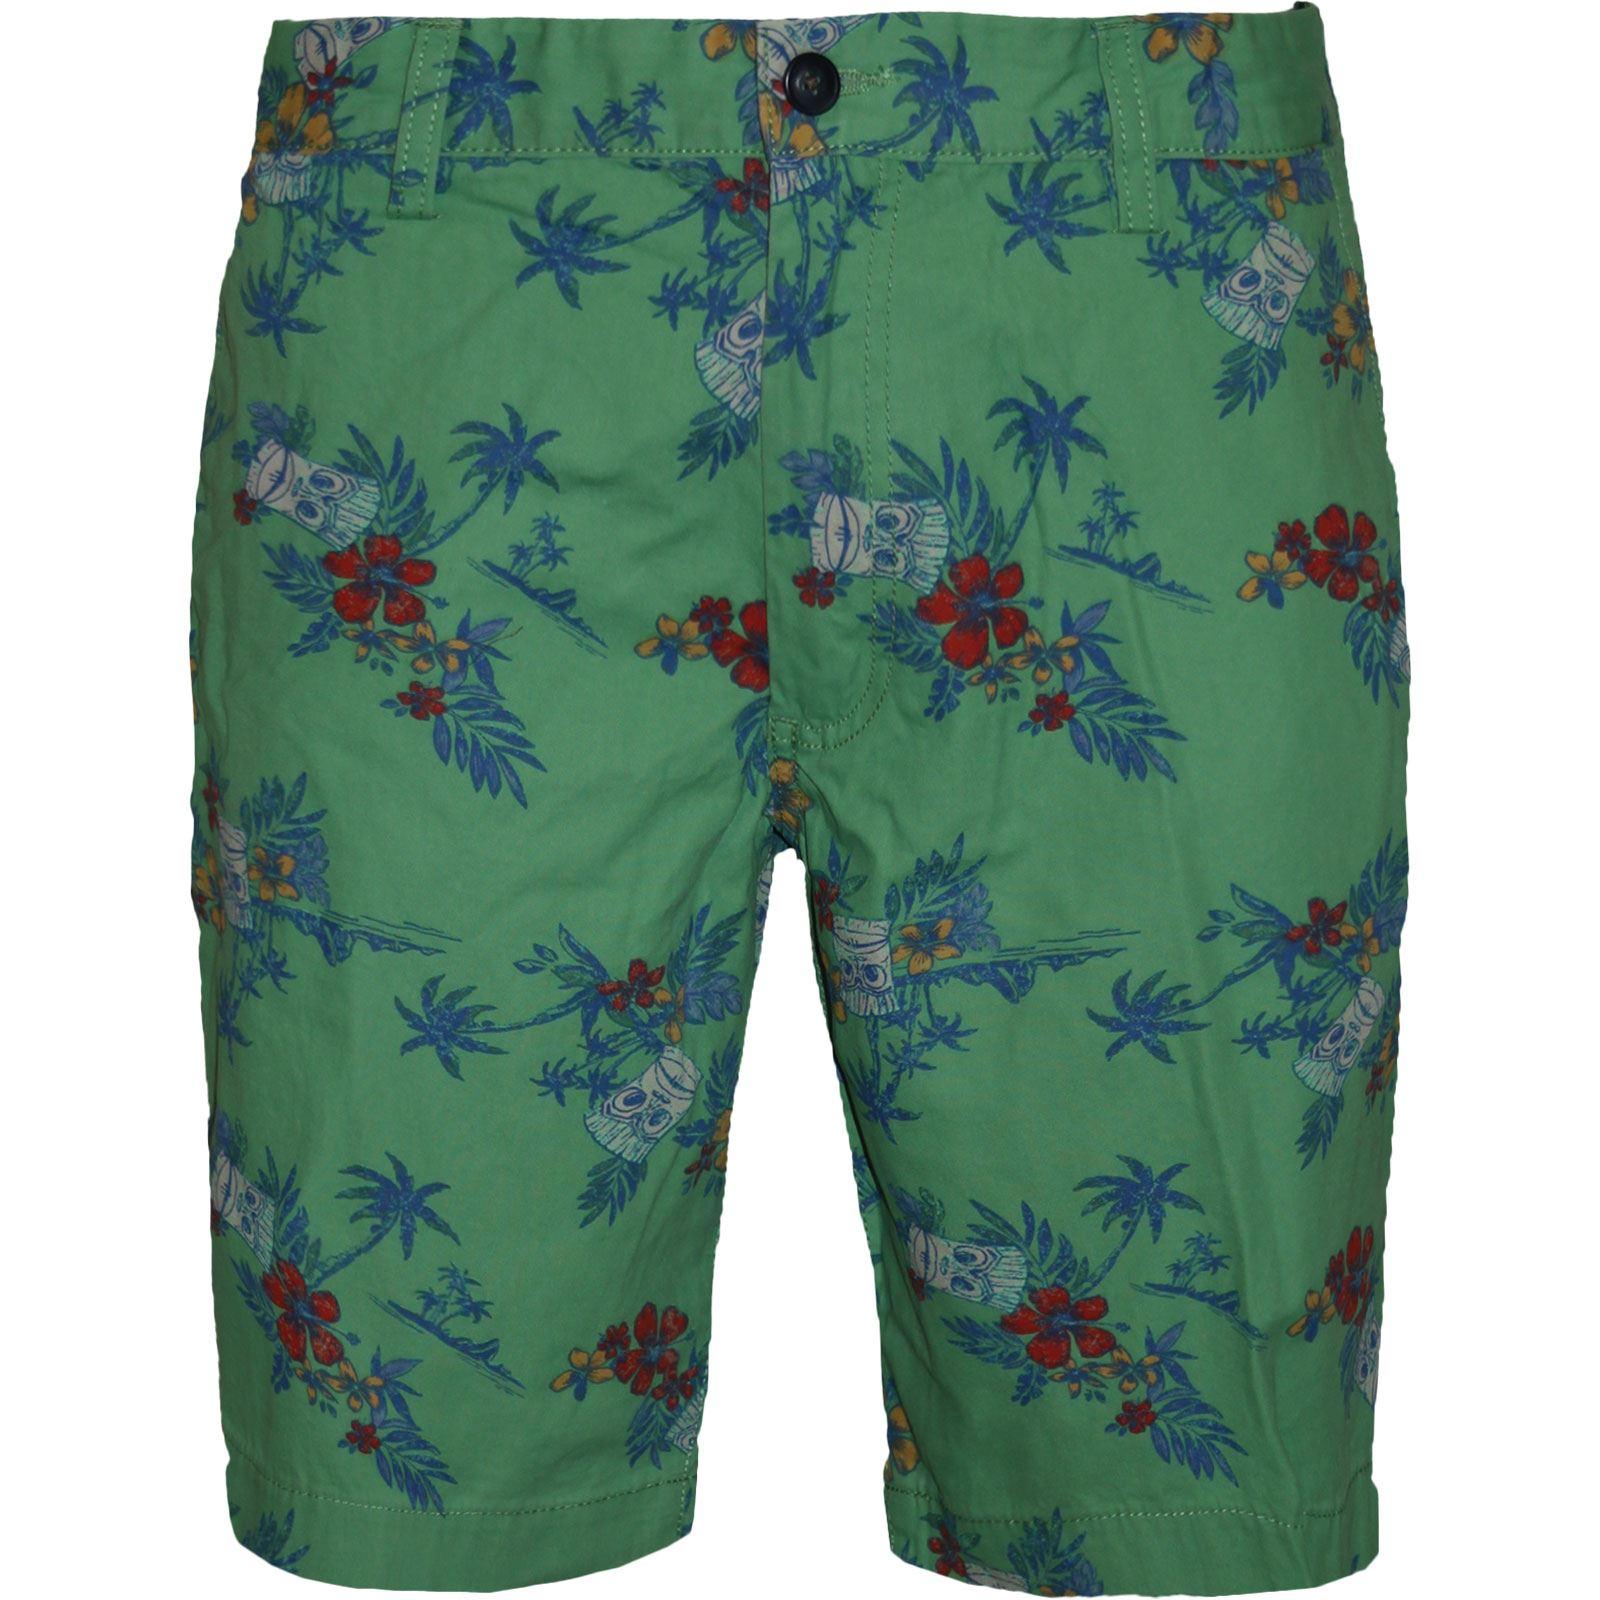 New Mens Zara Chino Shorts Printed Bermuda Floral Hawaiian Cargo ...